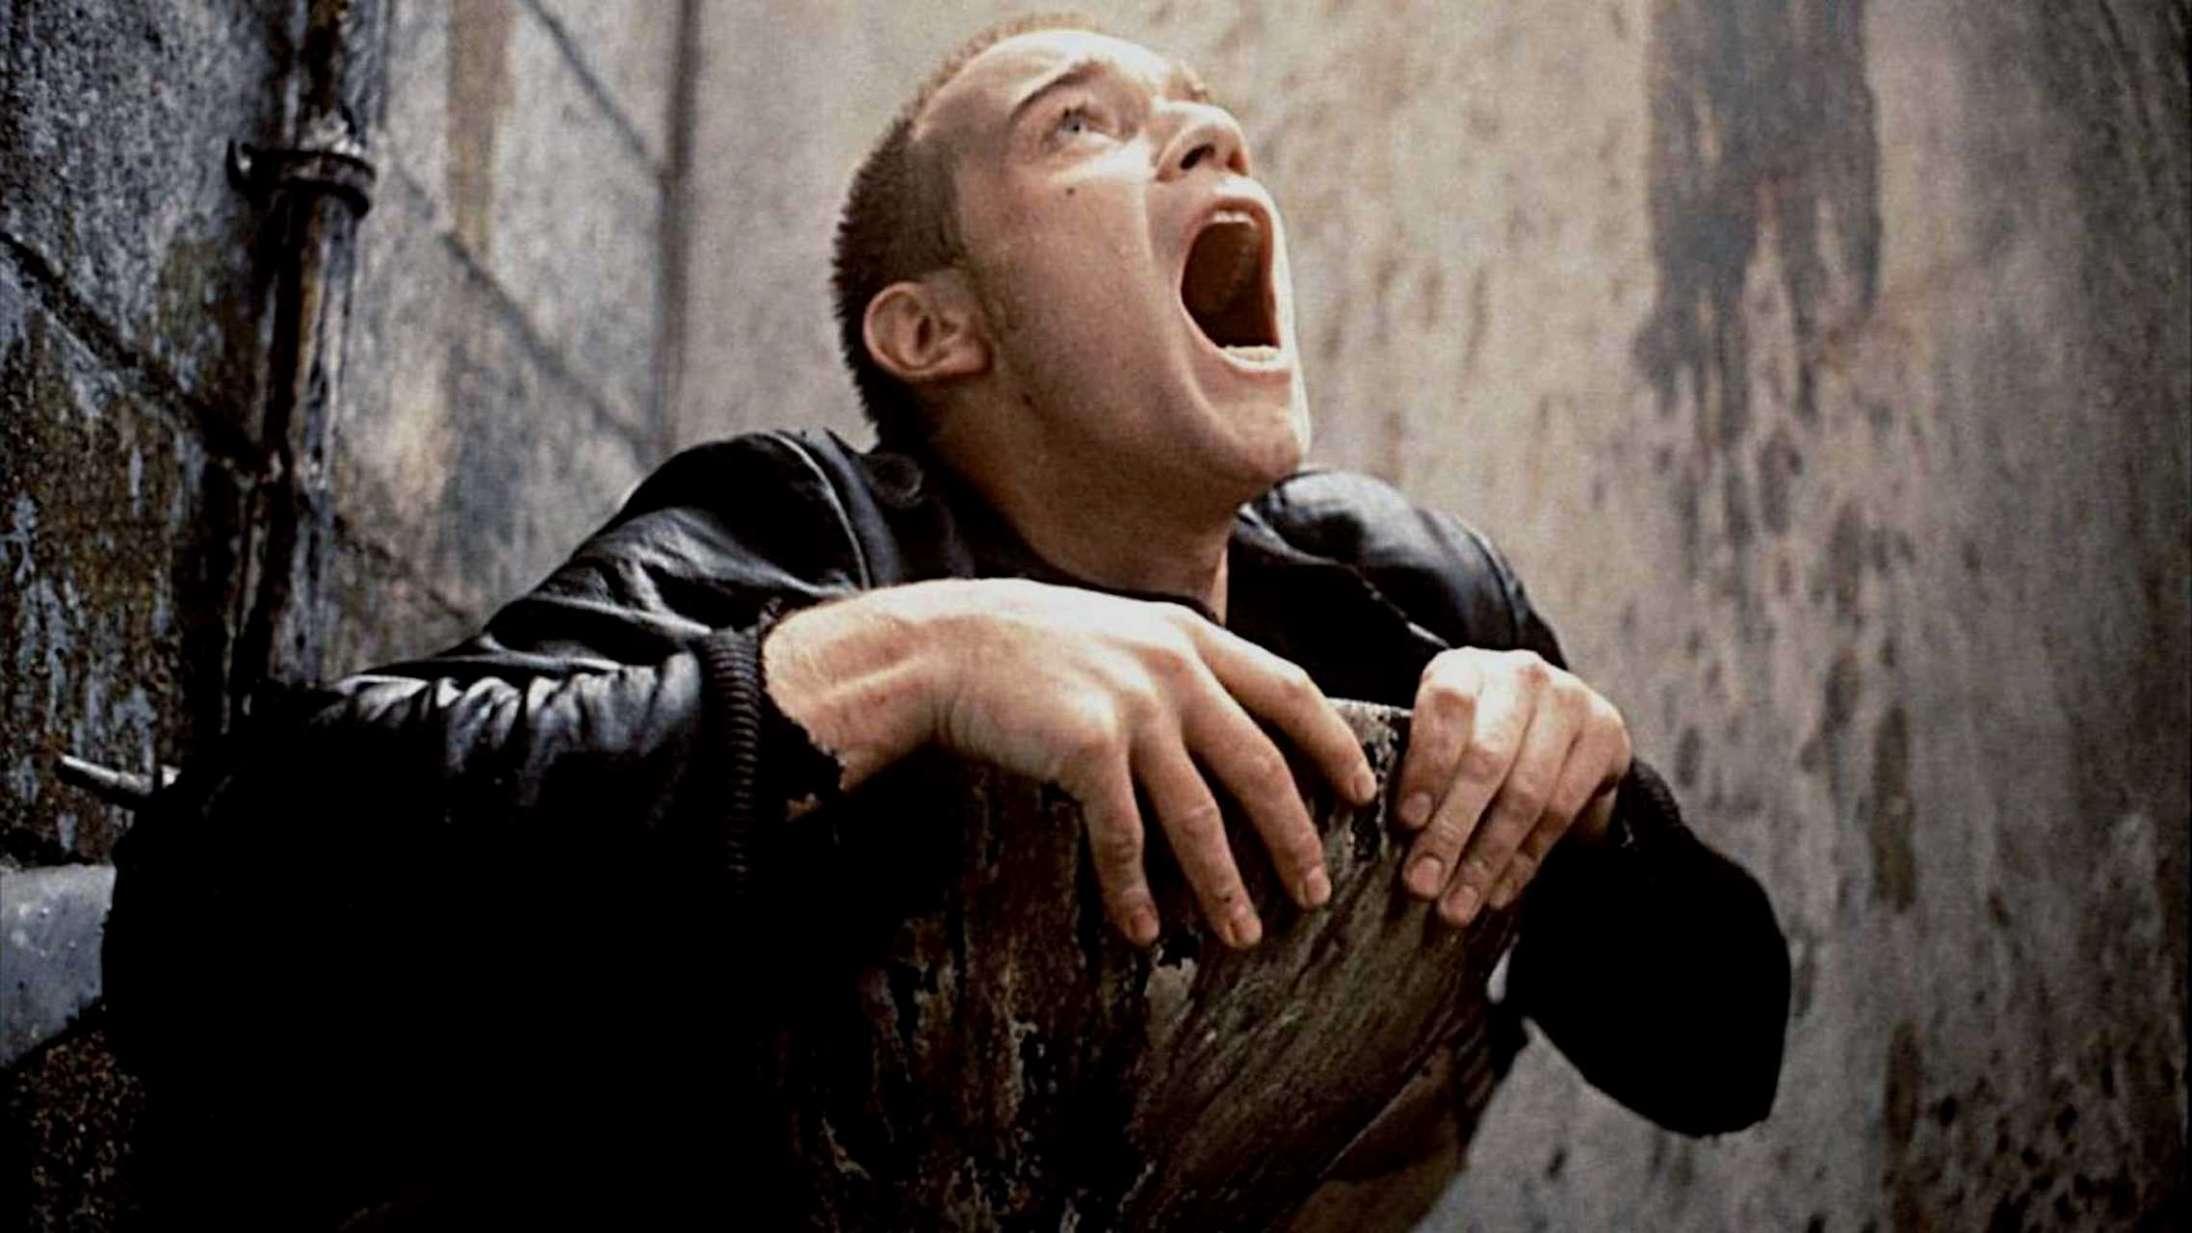 'Trainspotting's heroinportræt fik kritikerne til at dirre – men hvordan står den i dag?